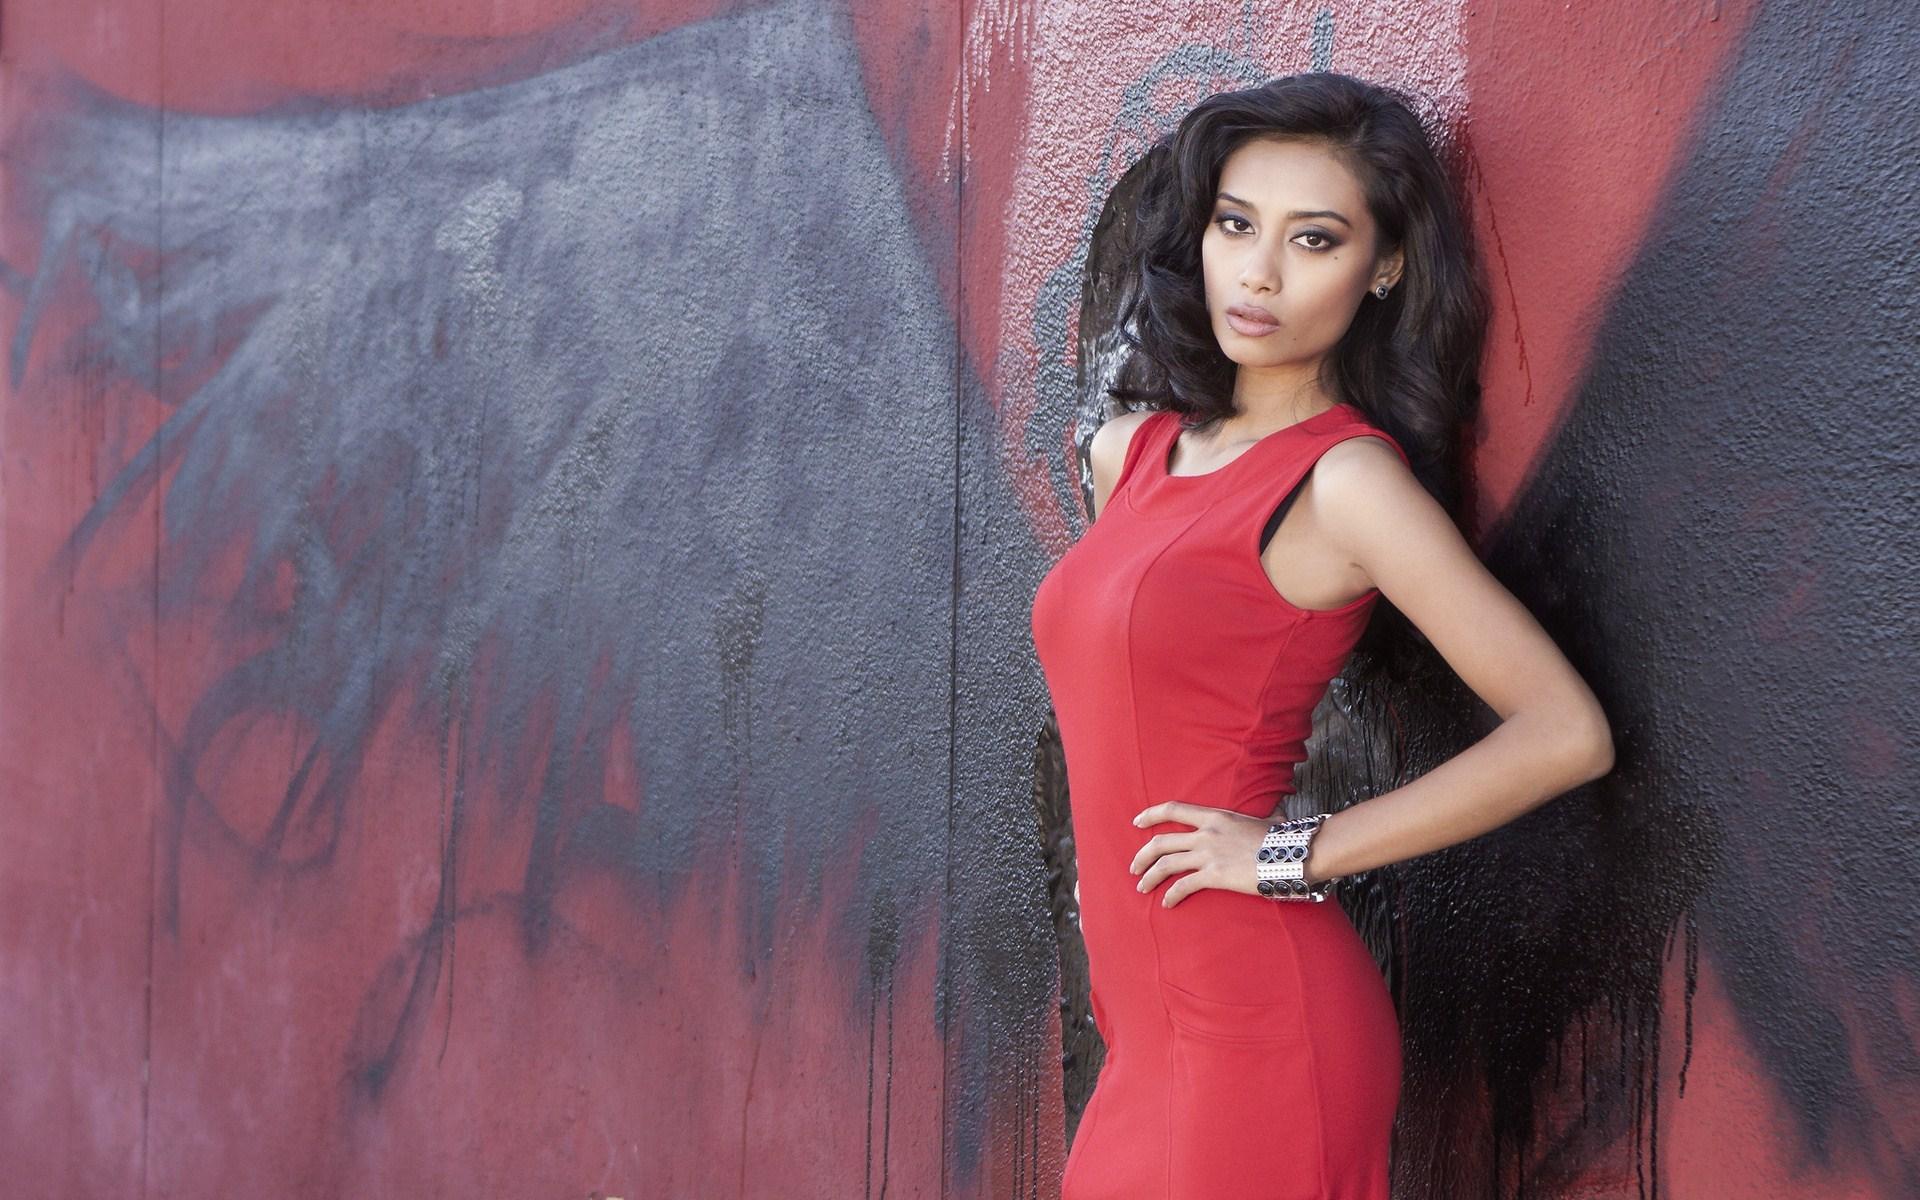 Beauty Brunette Red Dress Fashion